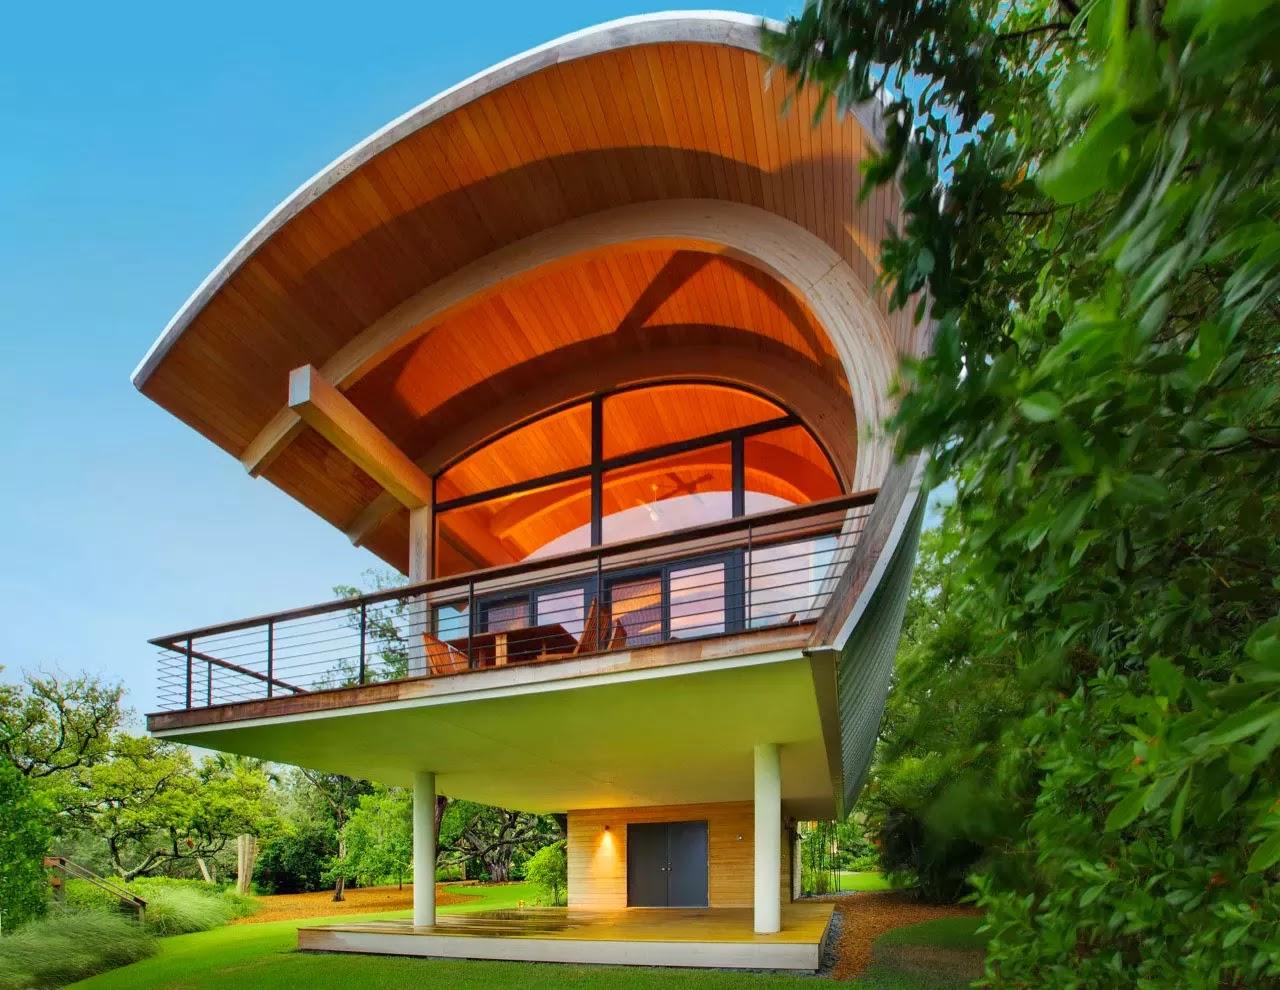 Gambar Desain Rumah Pohon  Desain Rumah